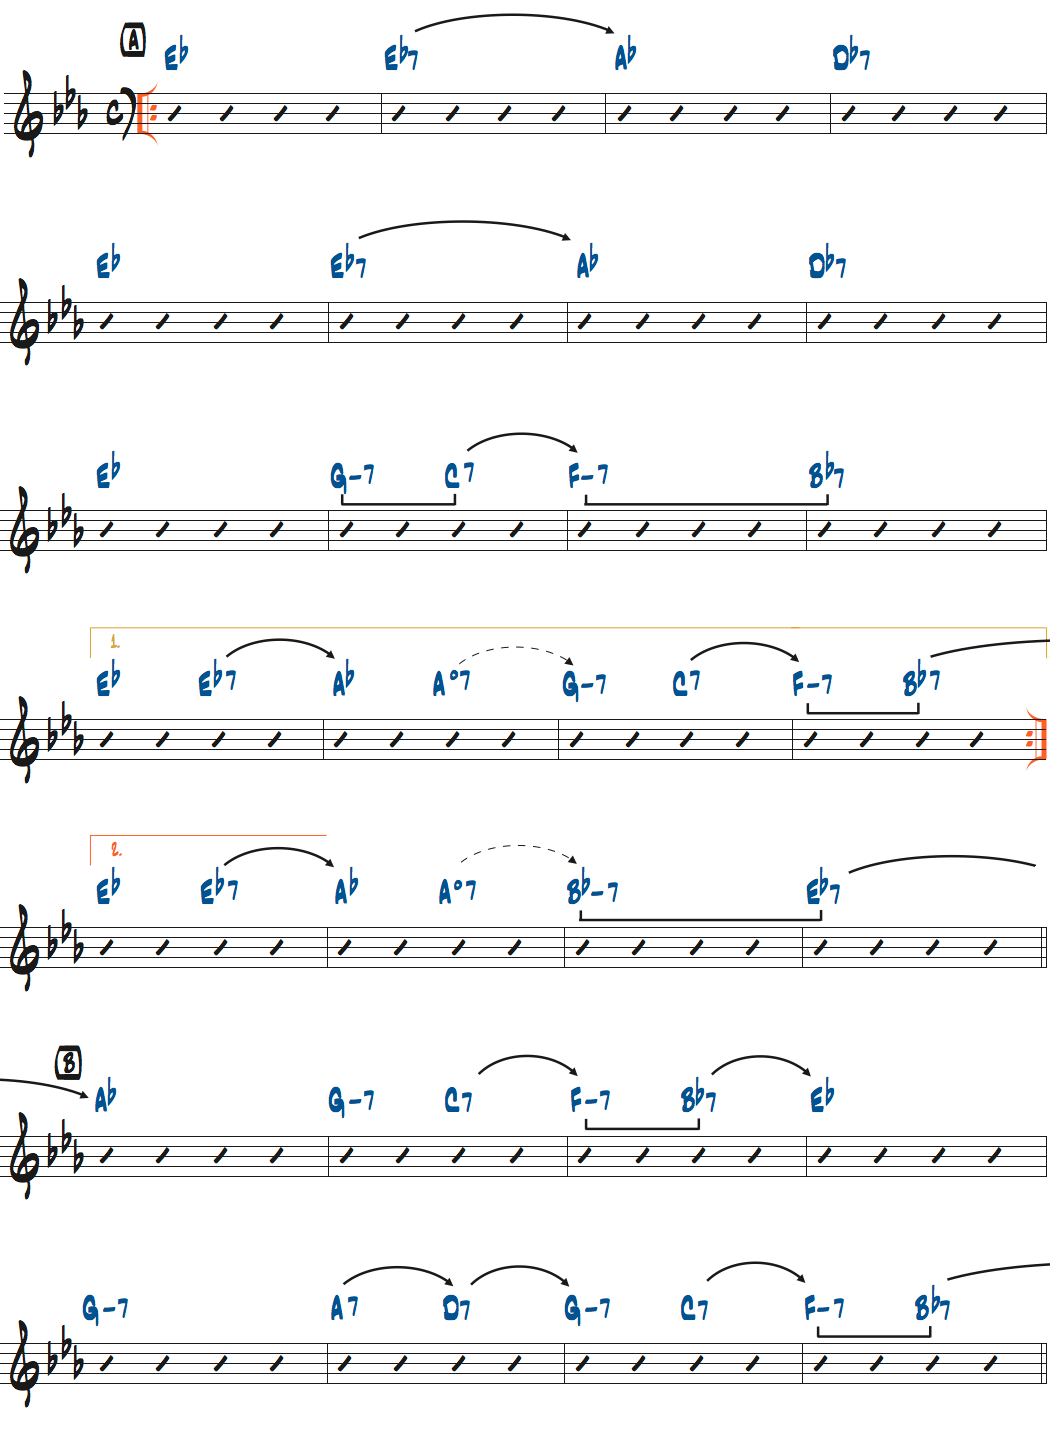 ジムホールのWithout a Songアドリブセクションのコード進行と分析楽譜ページ1